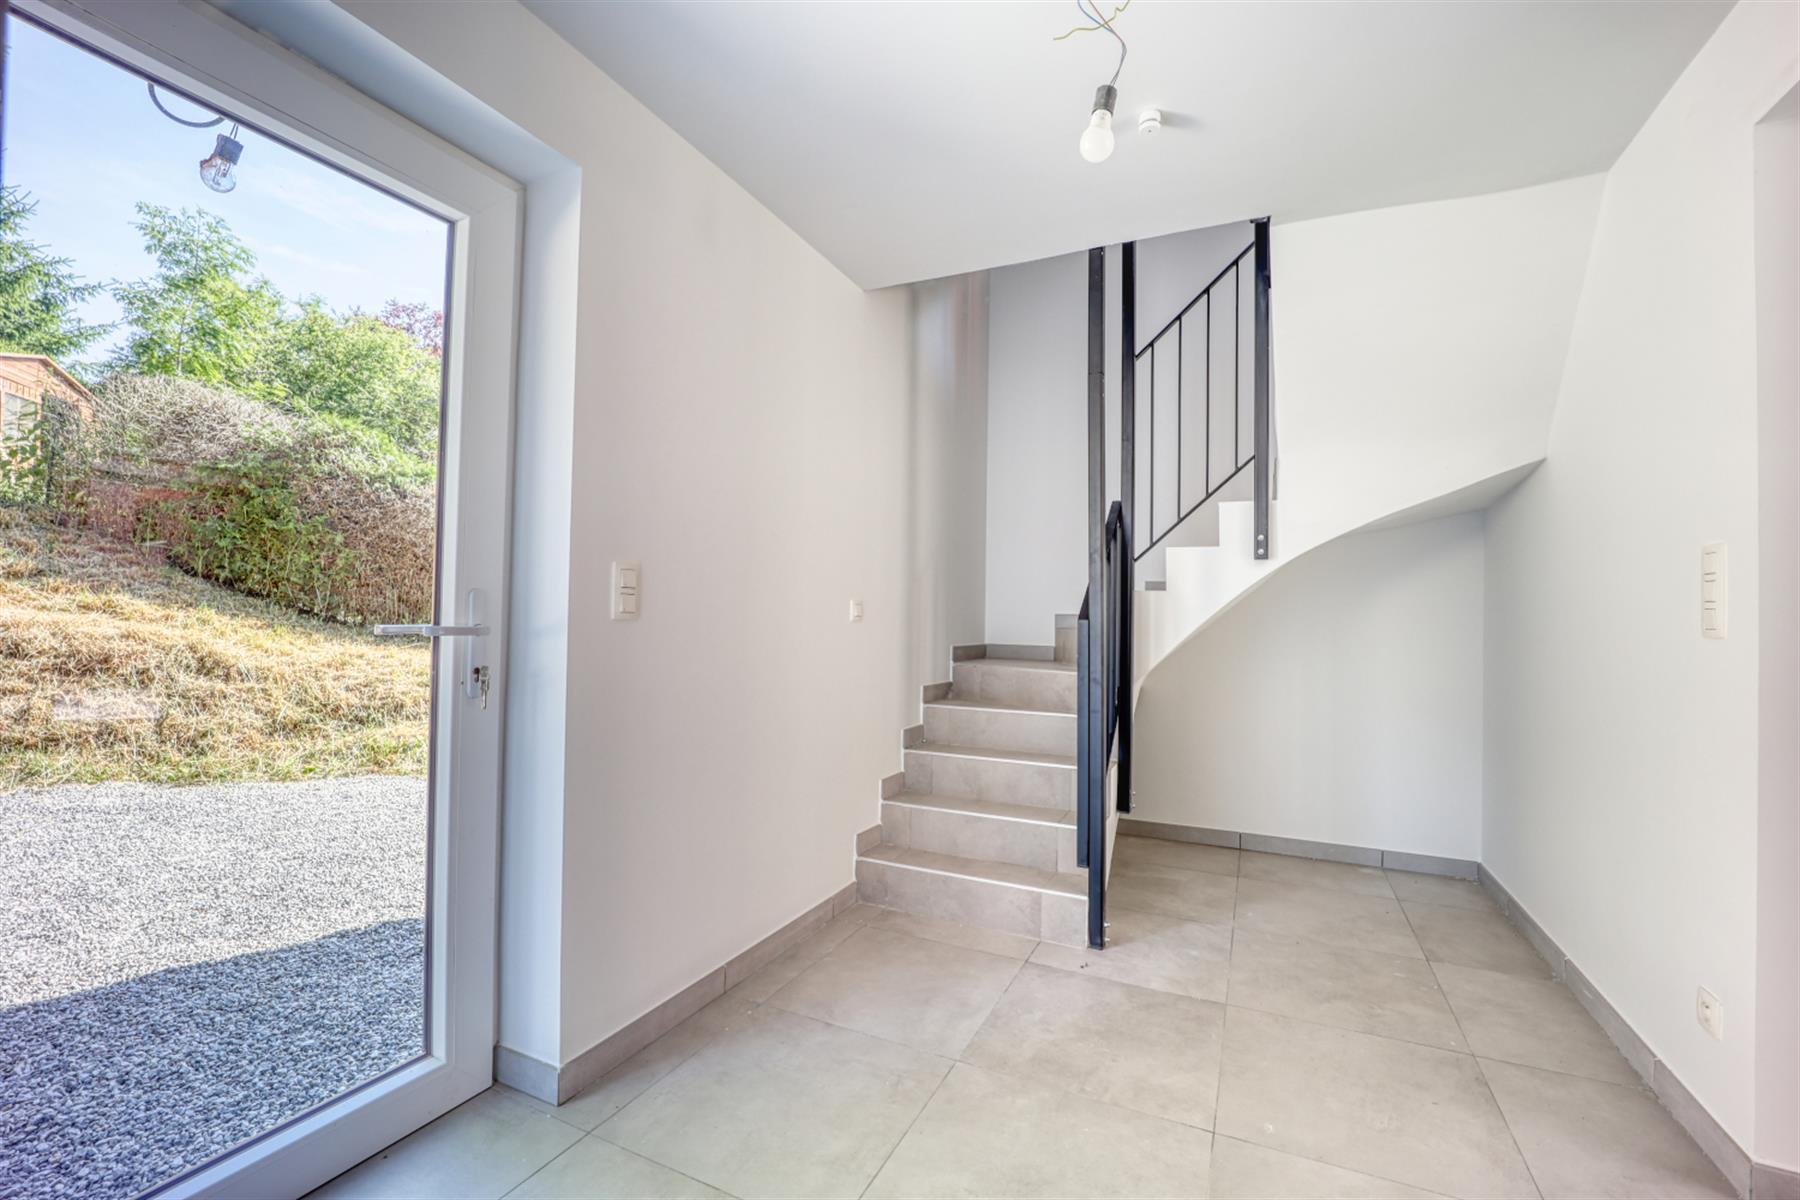 Bel-étage - Barvaux-sur-Ourthe - #4425662-29